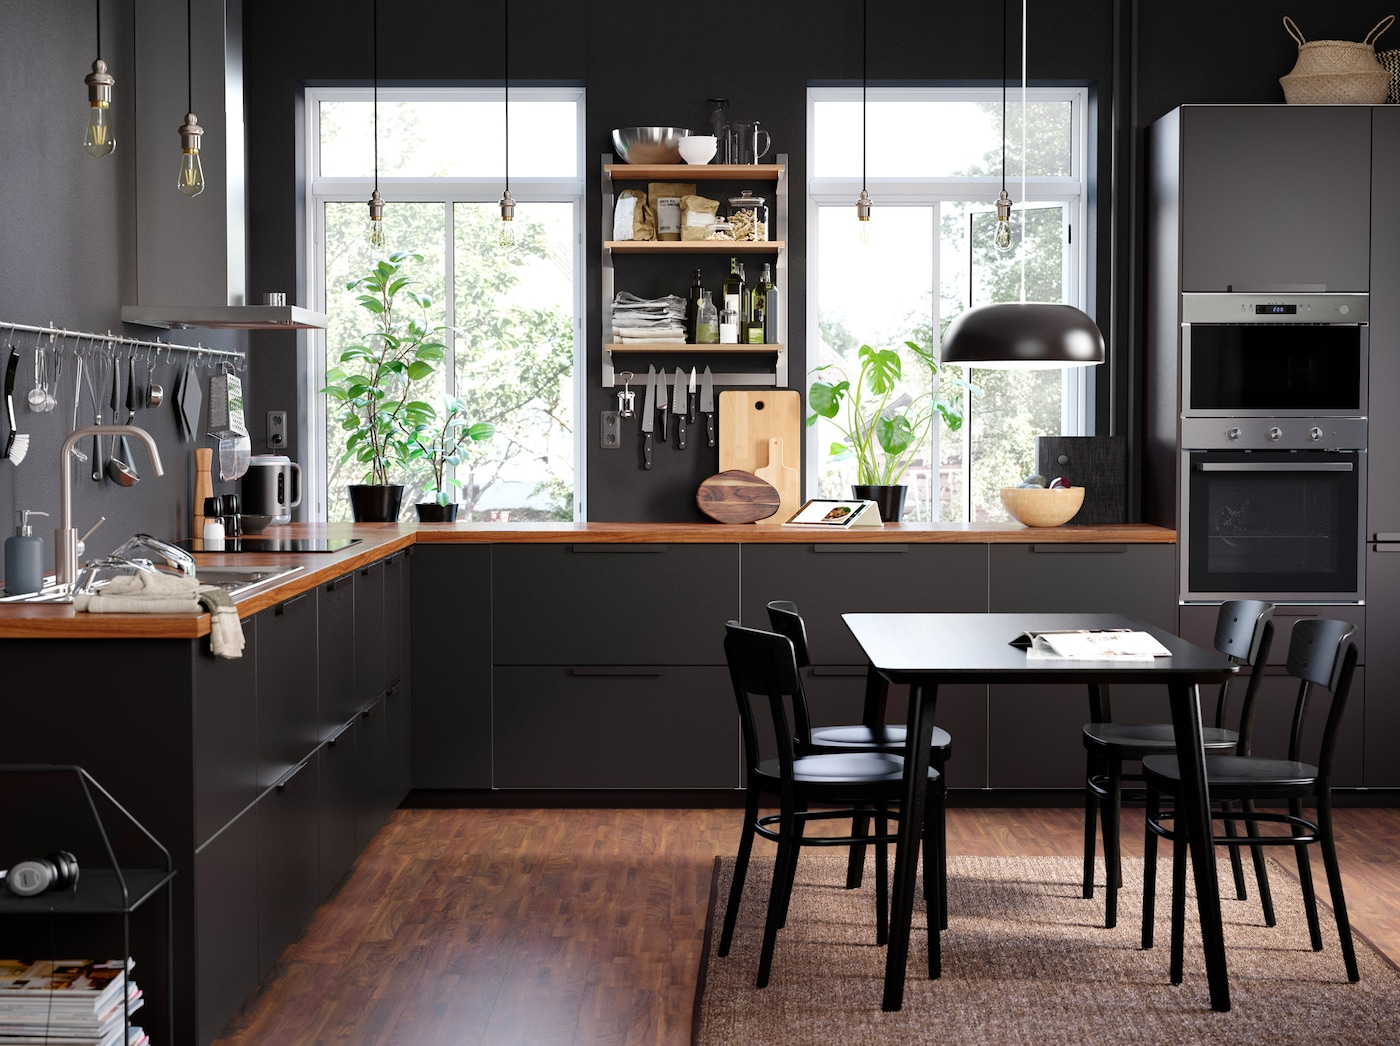 Full Size of Ikea Küchen Kcheneinrichtung Fr Offene Kchen Deutschland Sofa Mit Schlaffunktion Betten 160x200 Küche Kosten Kaufen Regal Modulküche Miniküche Bei Wohnzimmer Ikea Küchen